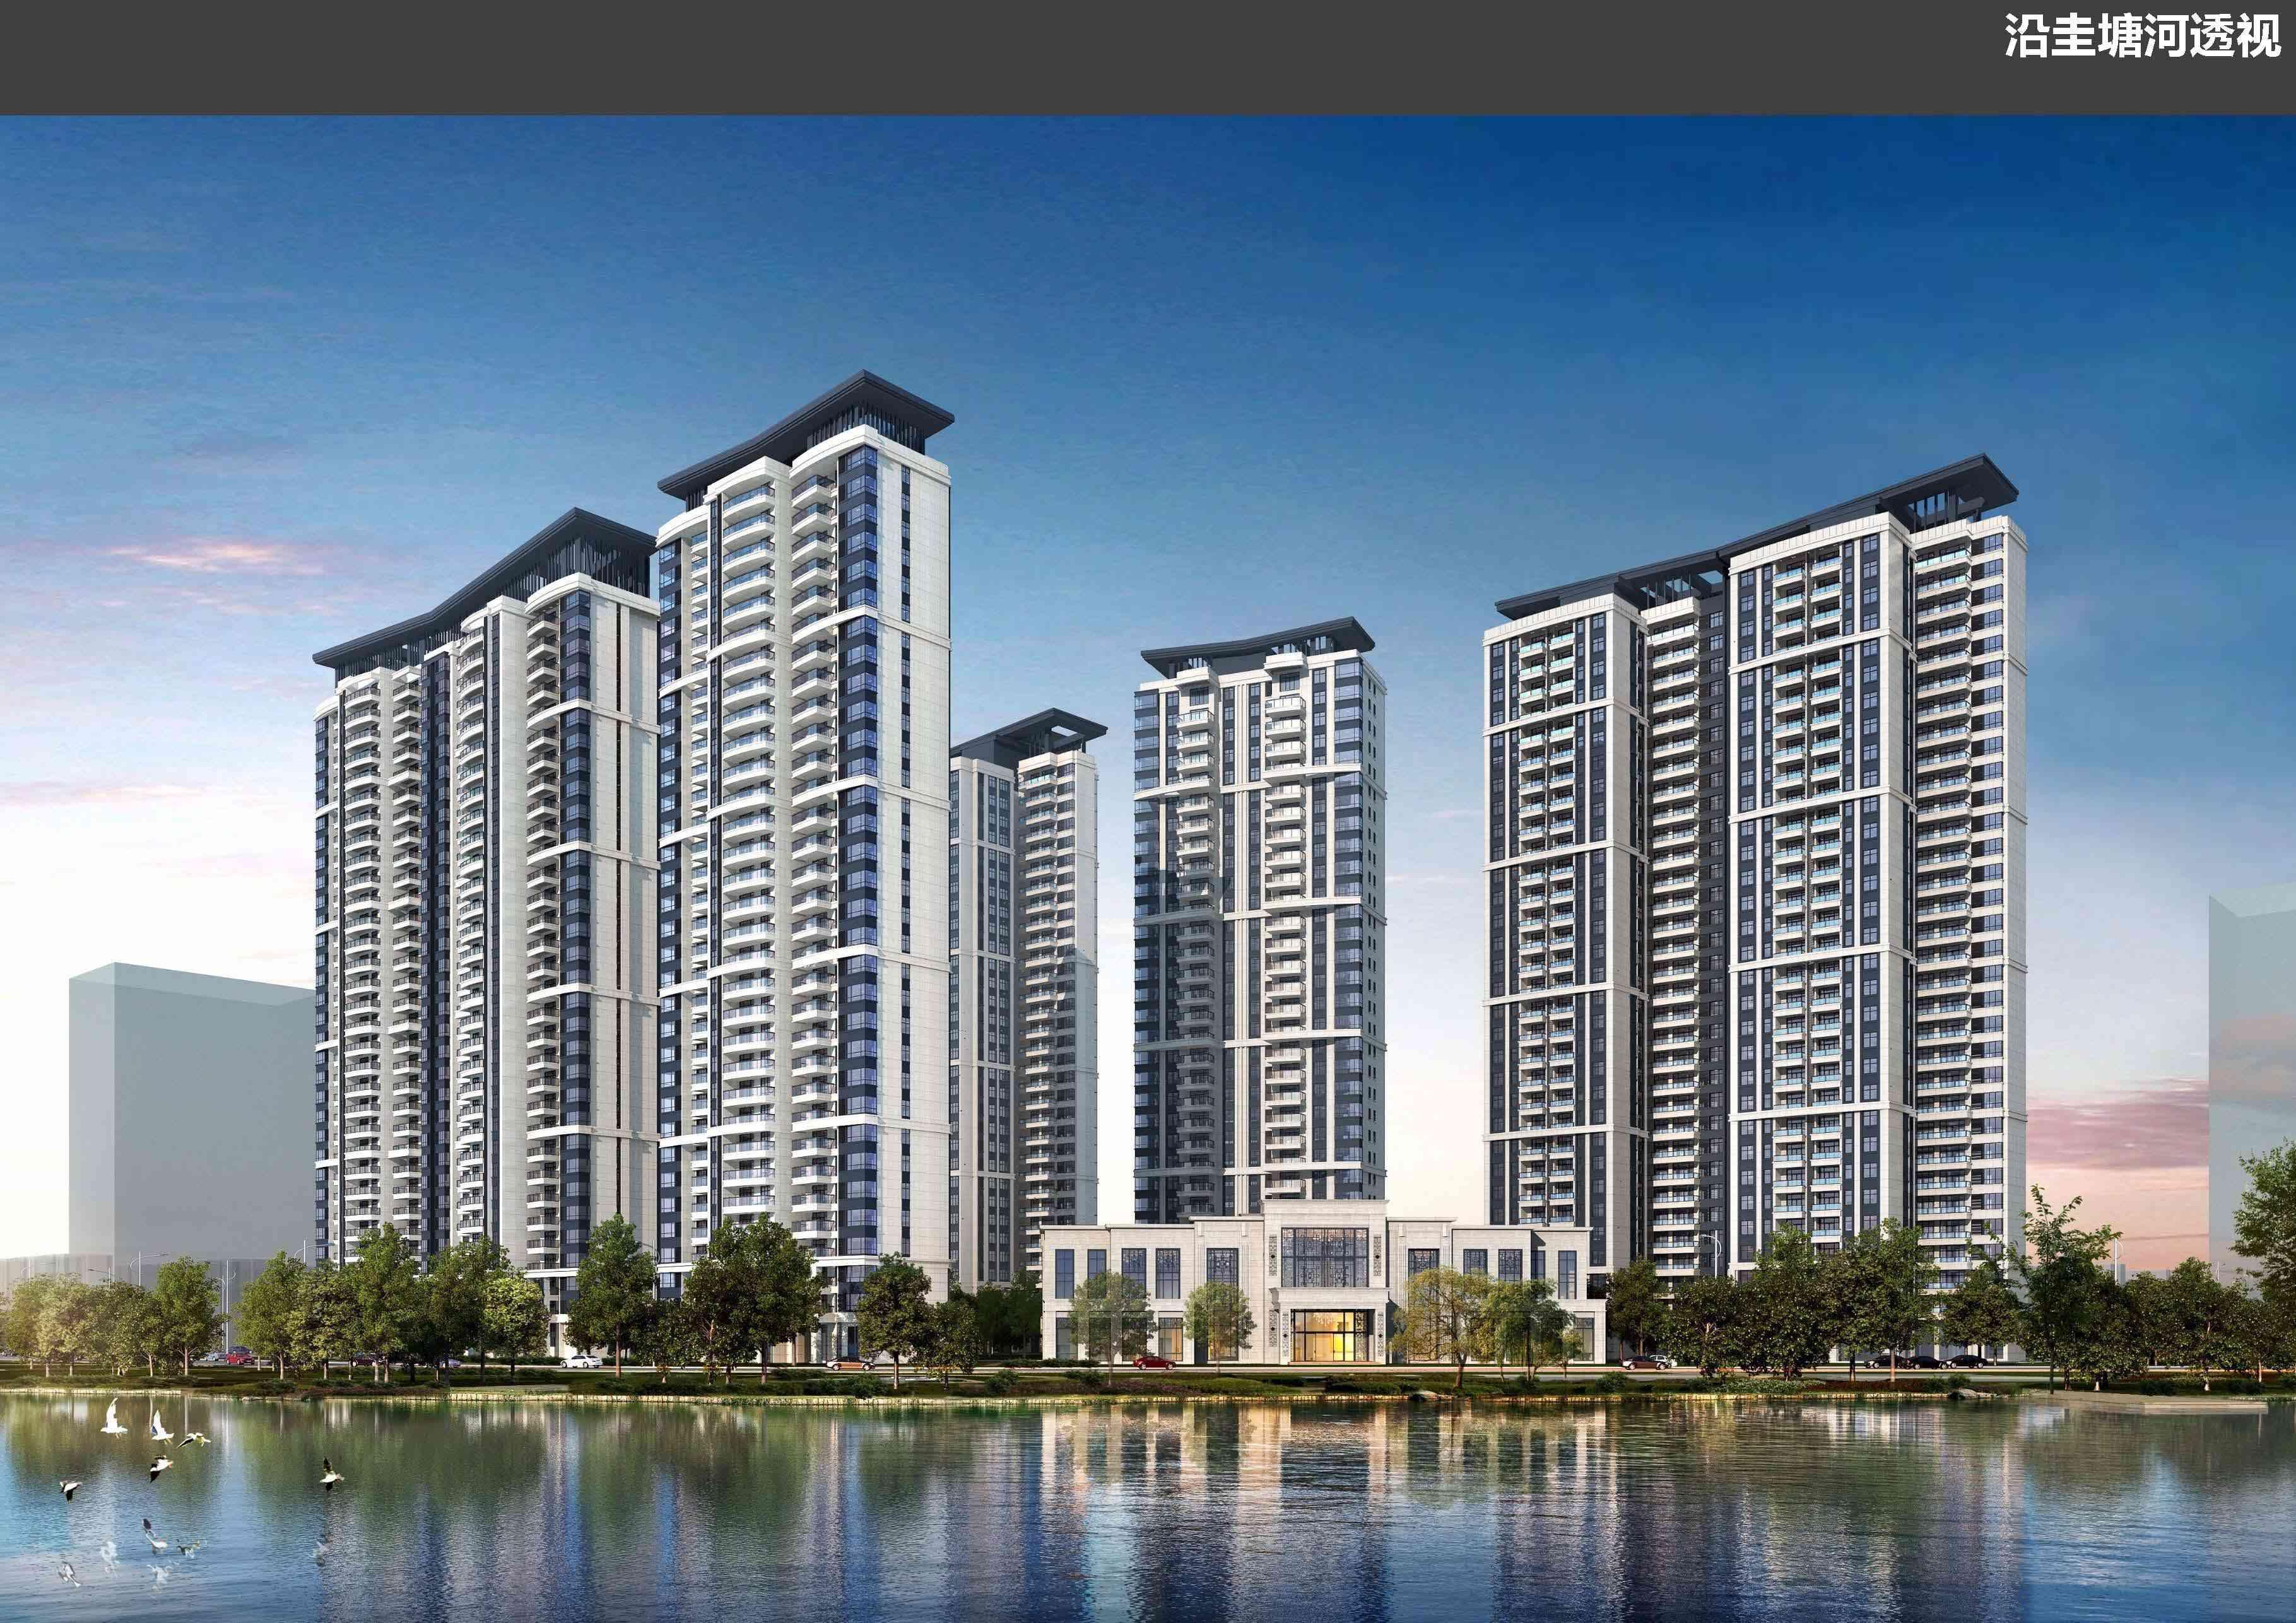 湘林高桥项目 沿圭塘河透视图